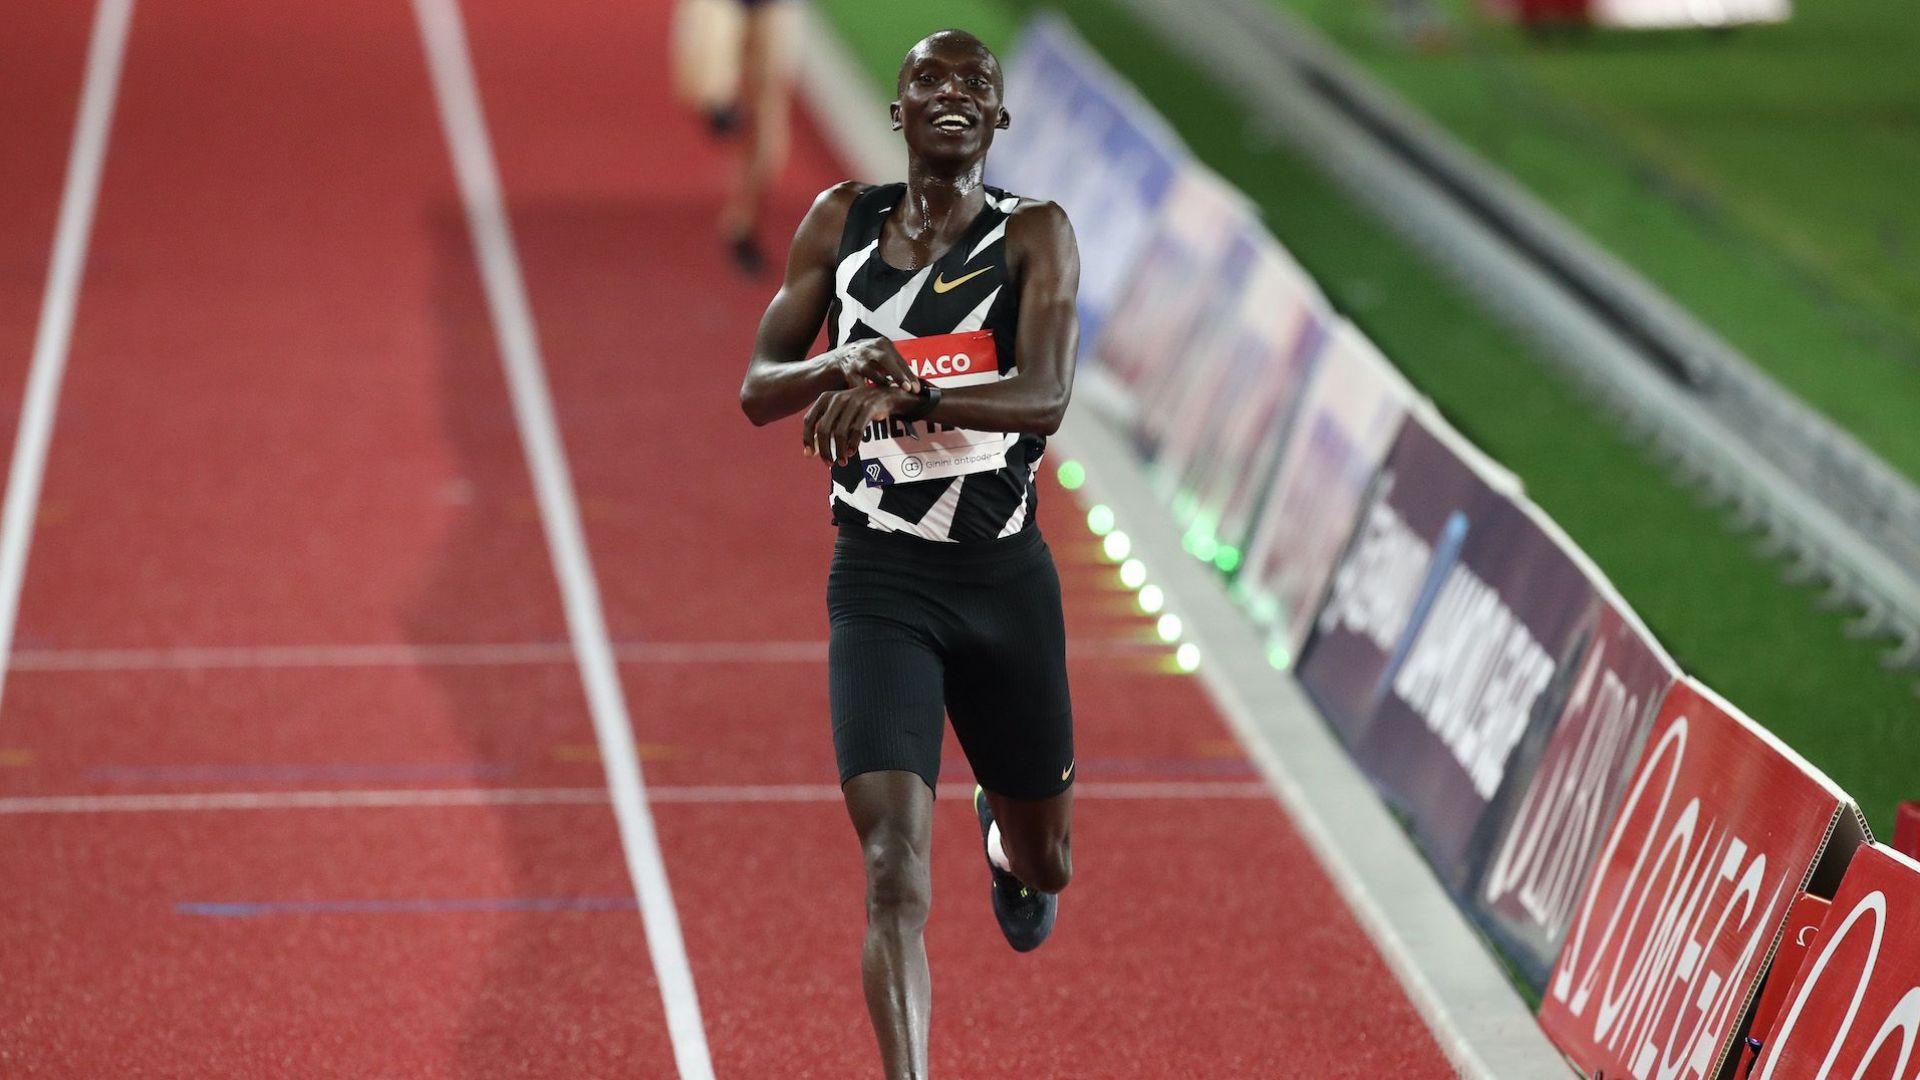 Властелинът от Уганда разби пореден световен рекорд